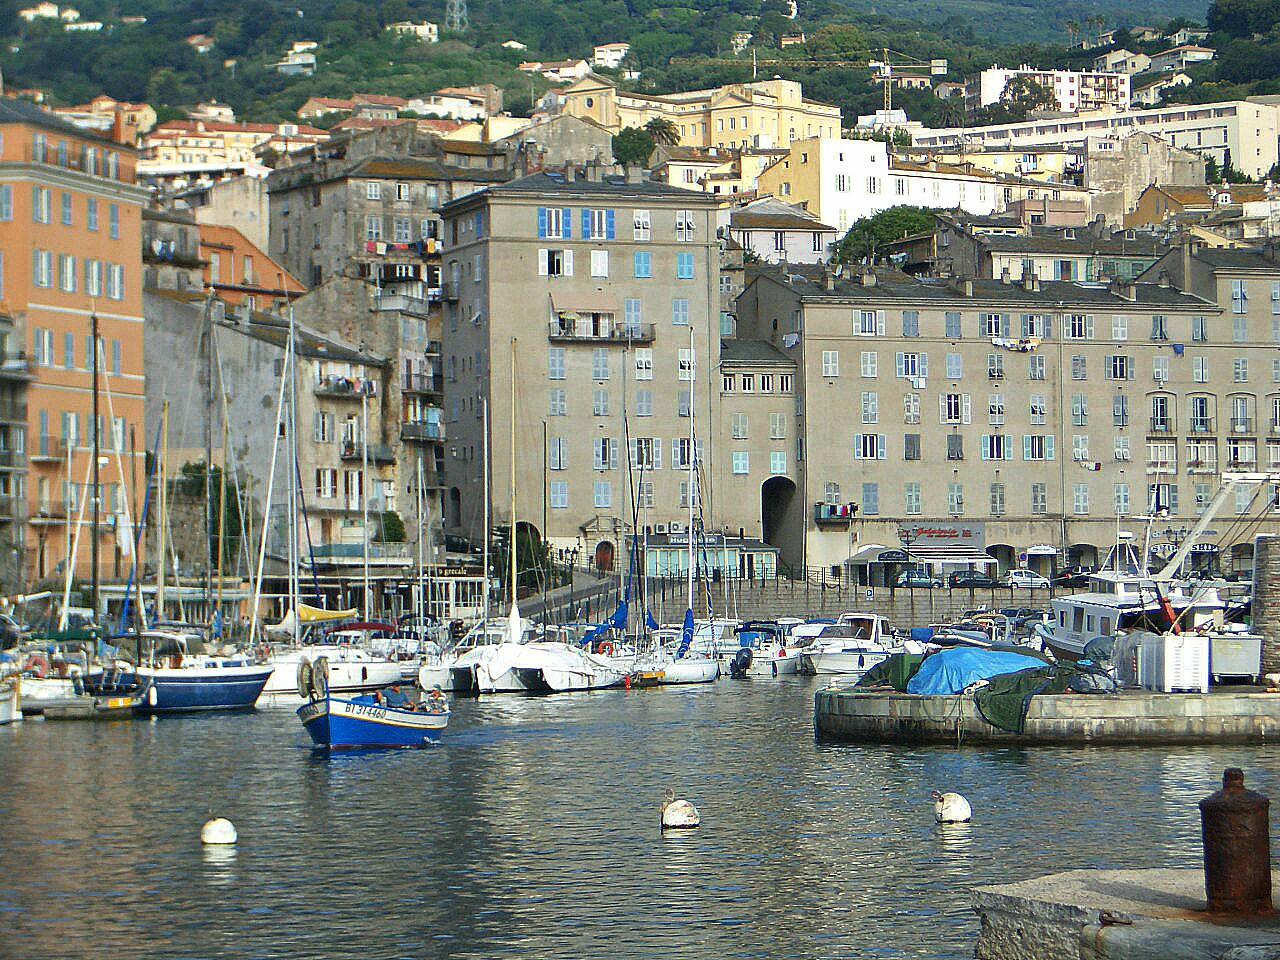 Hafen Segelreisen mit Sporedo